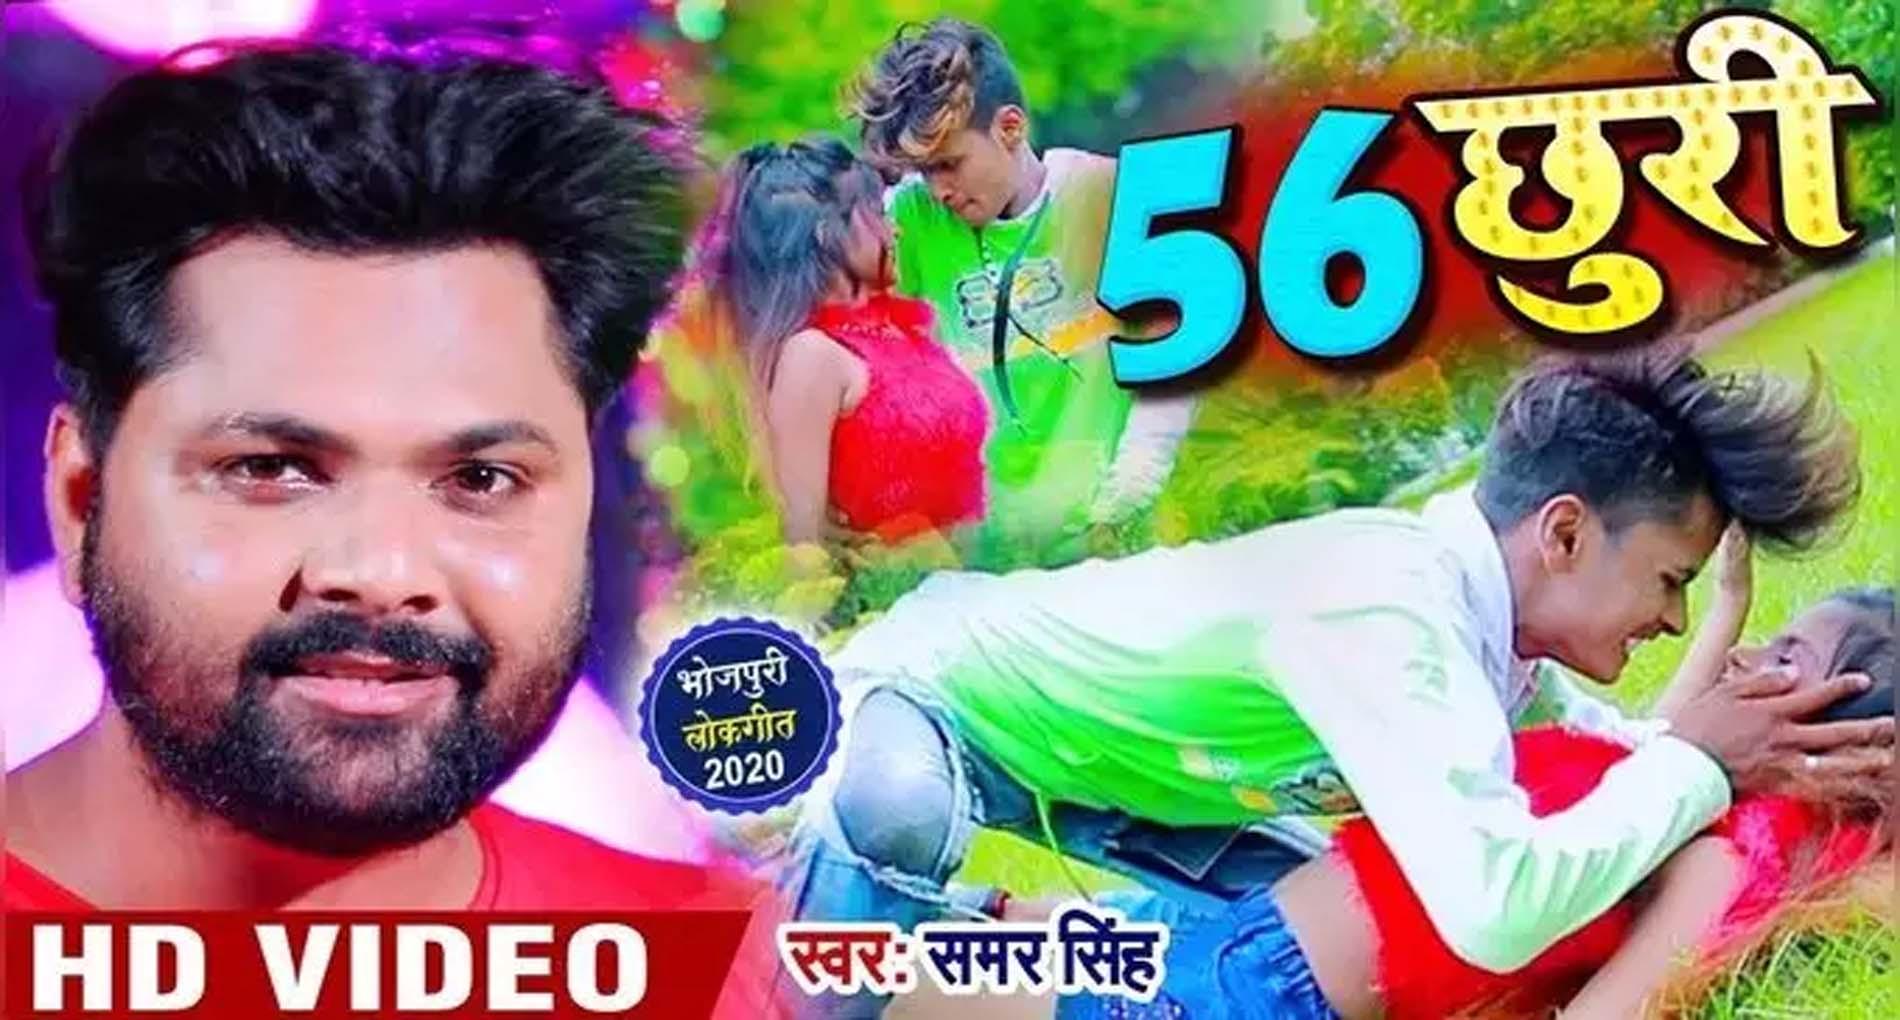 समर सिंह के गाने '56 छुुरी' पर टिक टॉक स्टार का जलवा! देखें जोरदार डांस वीडियो